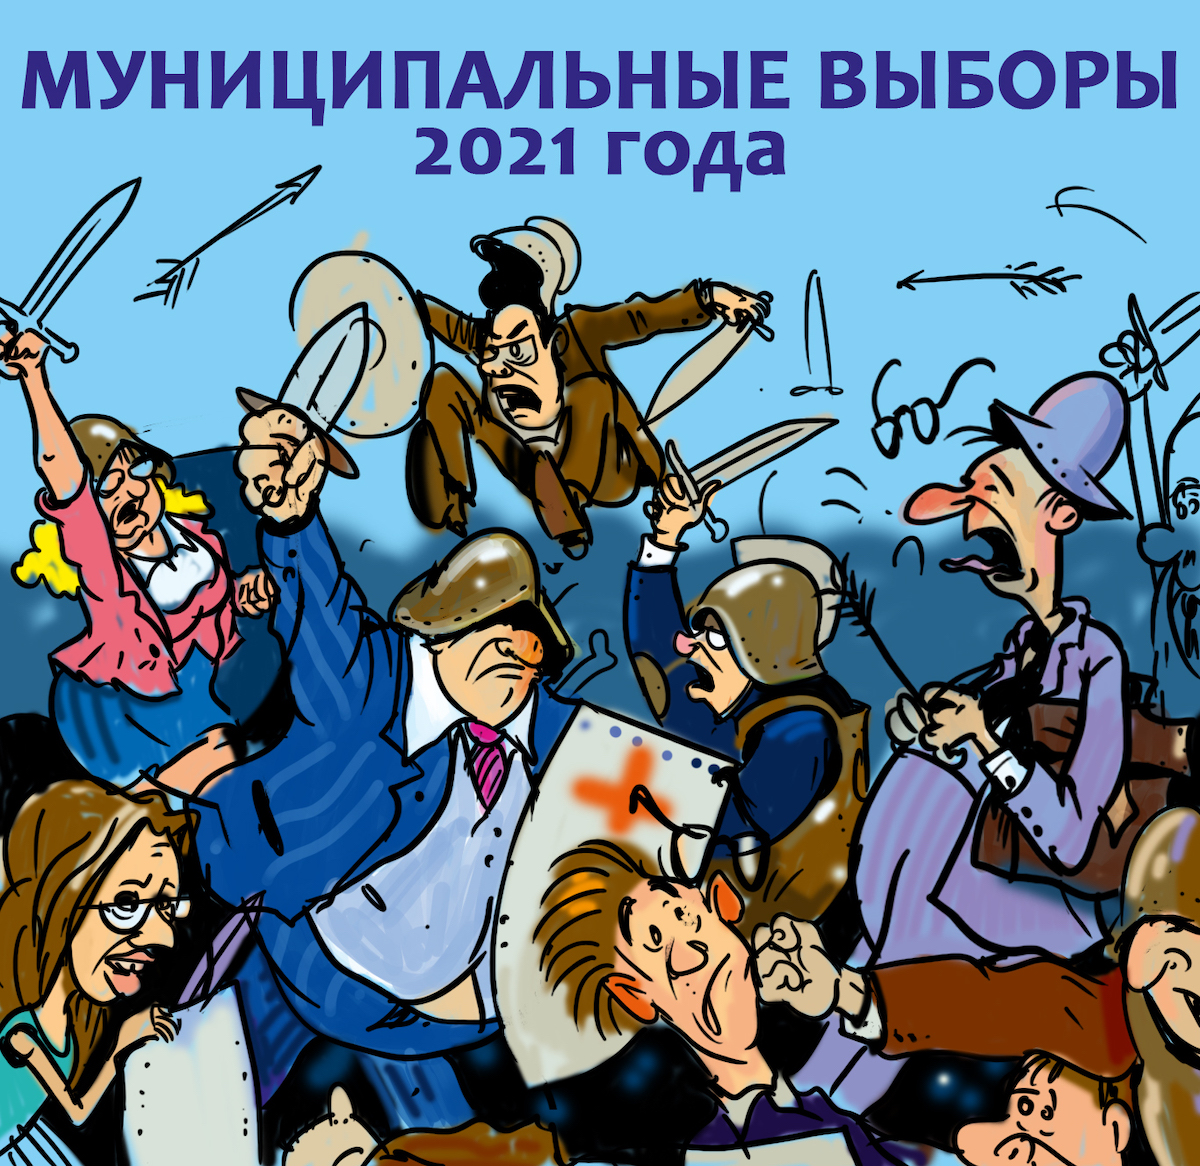 Муниципальные выборы 2021 года. Карикатура: газета «Город»